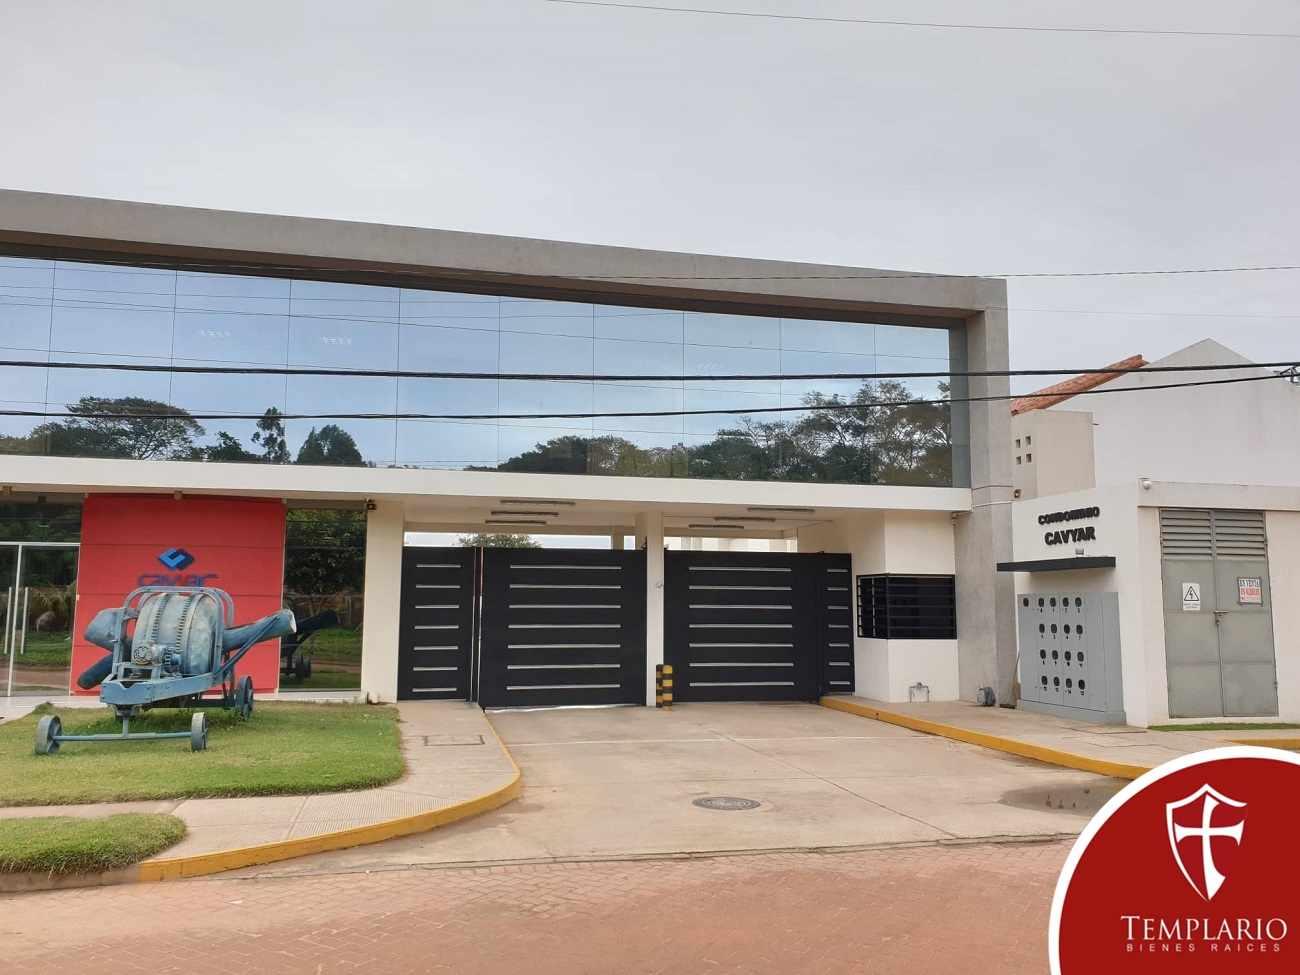 Casa en Alquiler Av. Pirai 6to anillo - Condominio Cavyar - Zona Oeste Foto 3